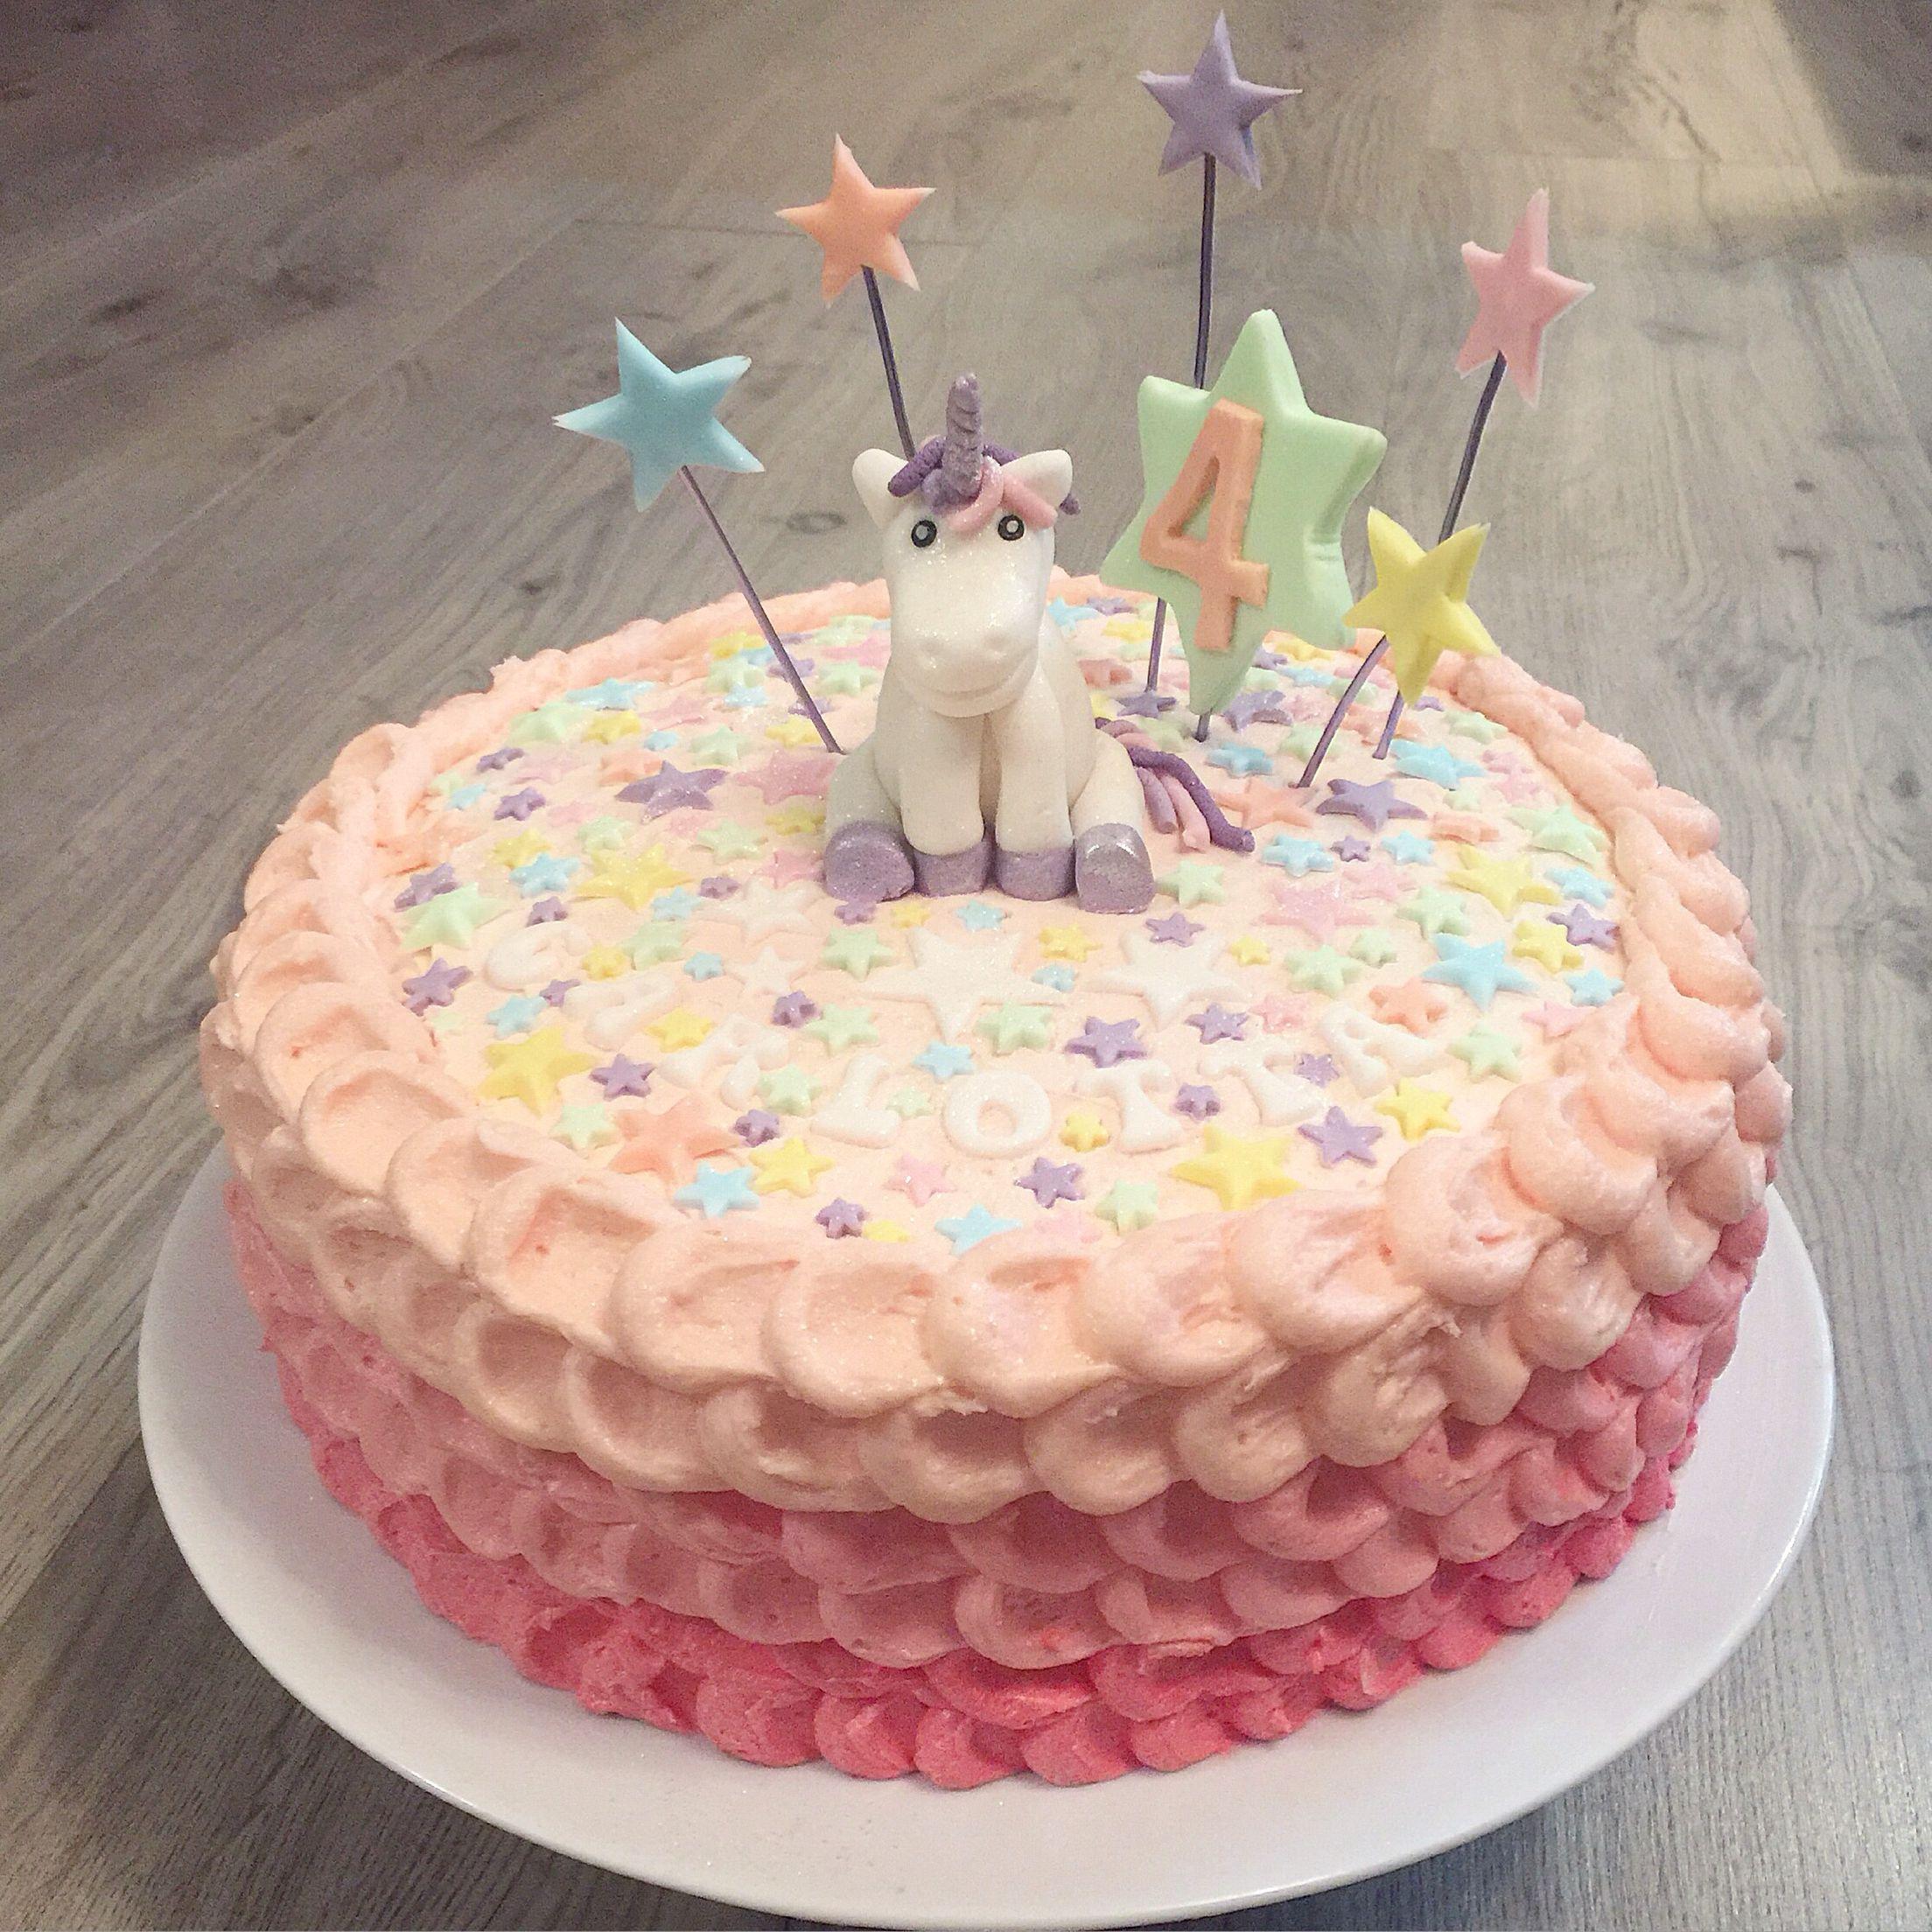 einhorn geburtstagstorte birthdaycake fondant unicorn meine torten. Black Bedroom Furniture Sets. Home Design Ideas